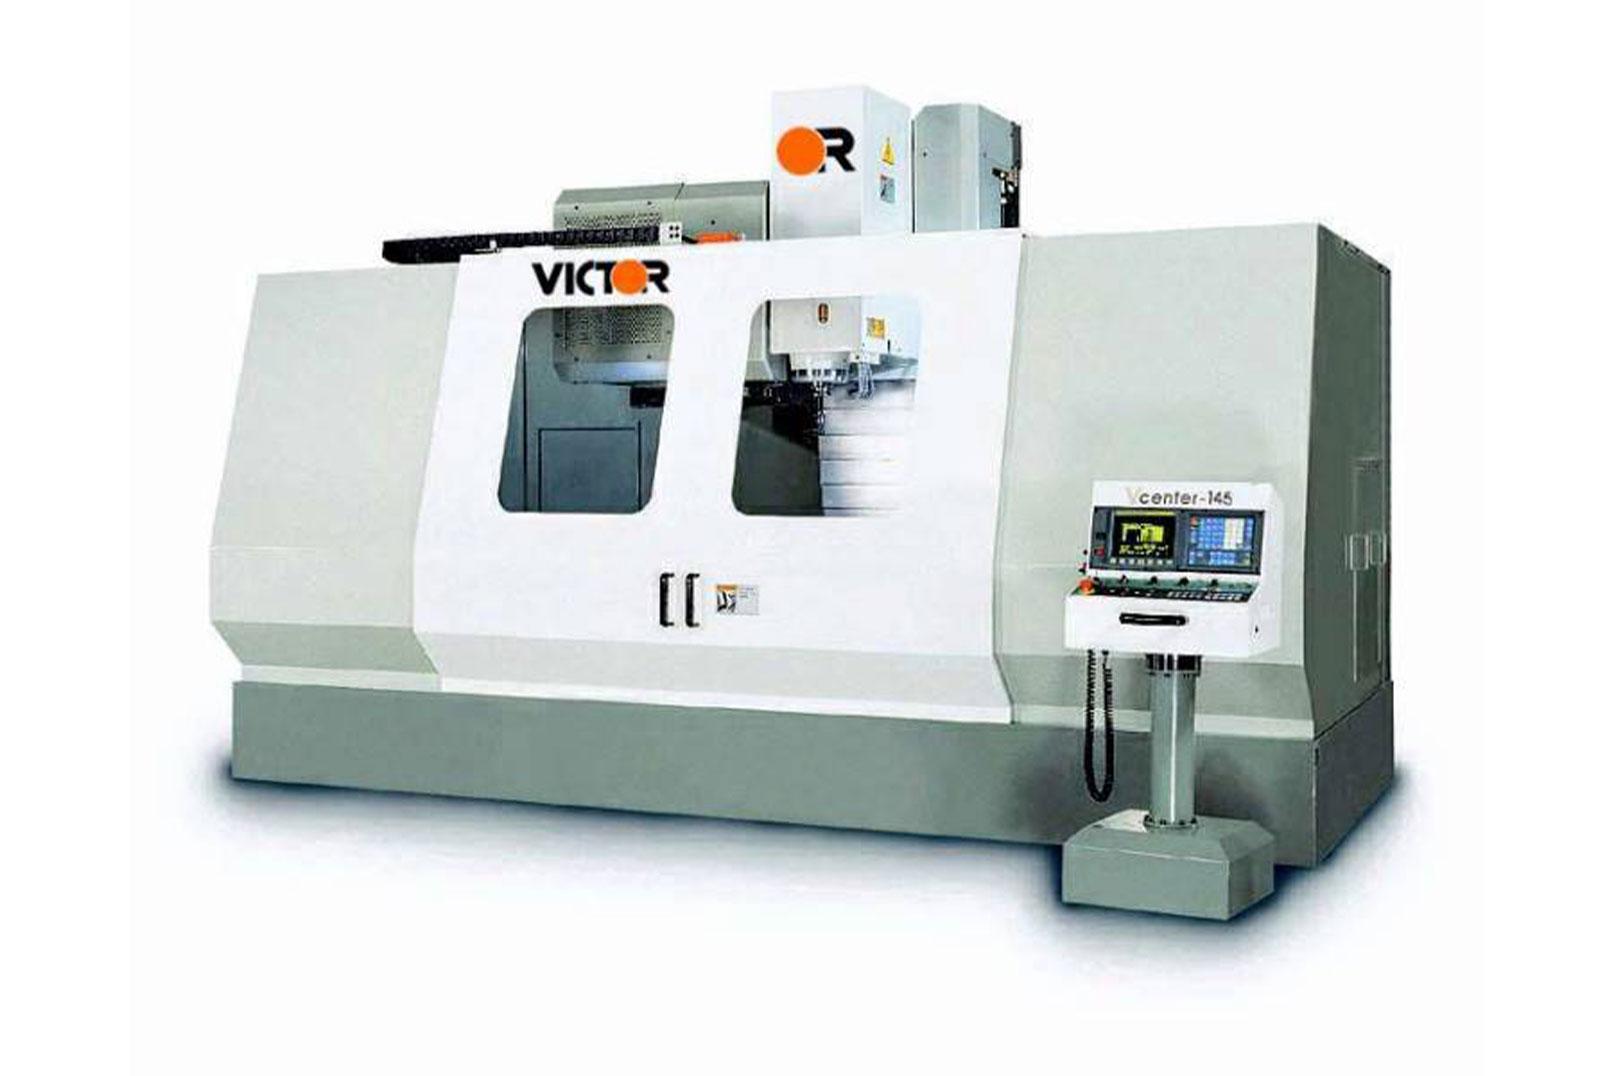 Victor VC145 - centro di lavoro verticale